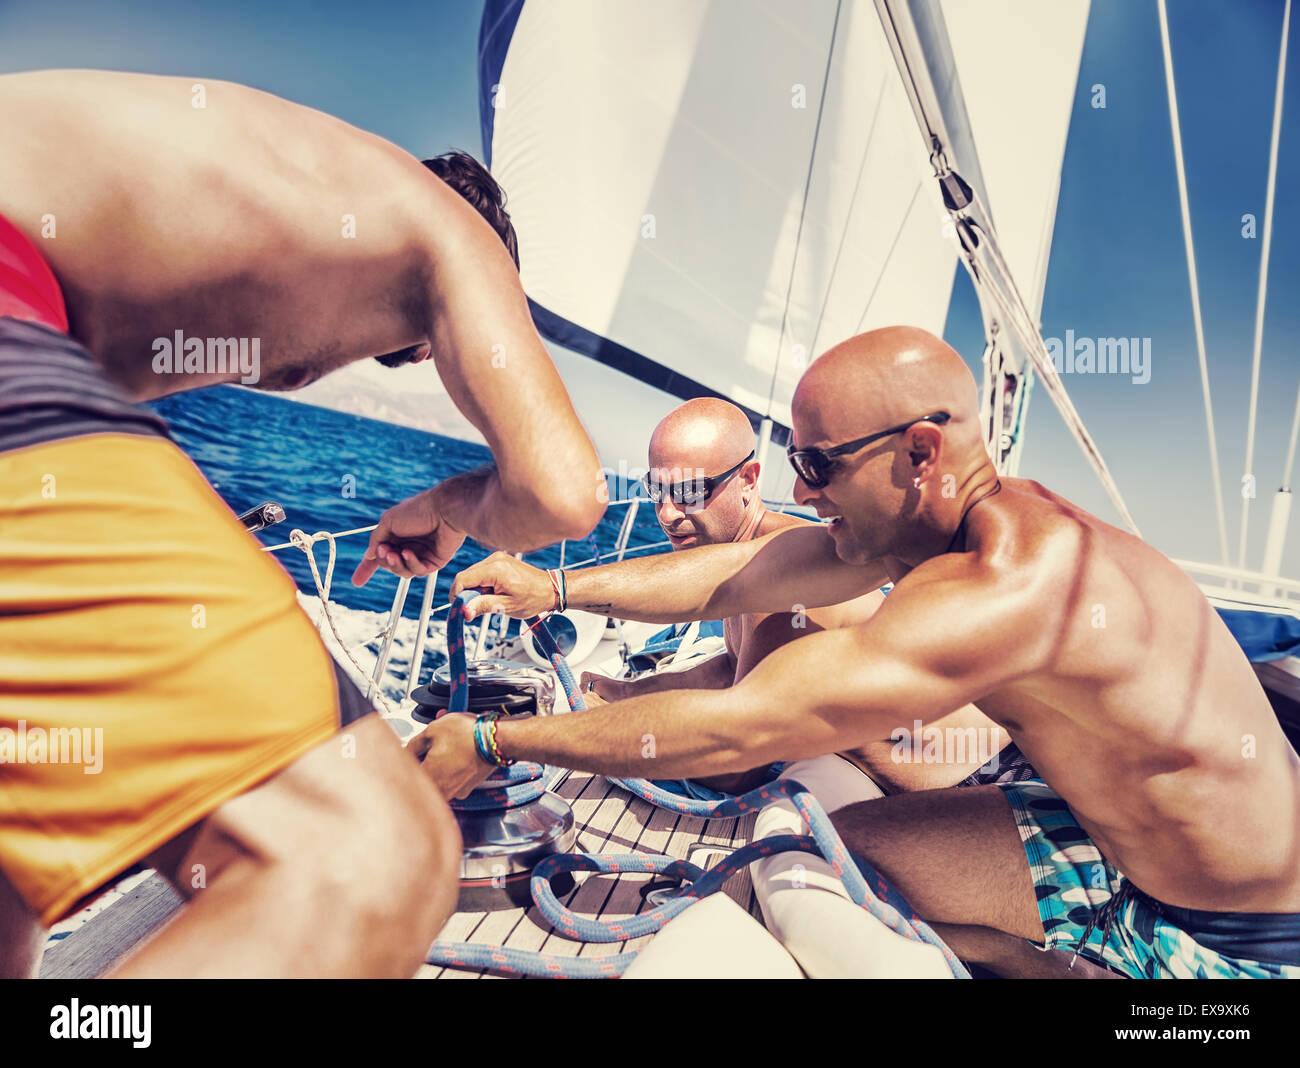 Gruppe von schönen Hemd Matrosen arbeiten auf Segelboot, maritimen Wettbewerb beteiligt Wassersport genießen Stockbild